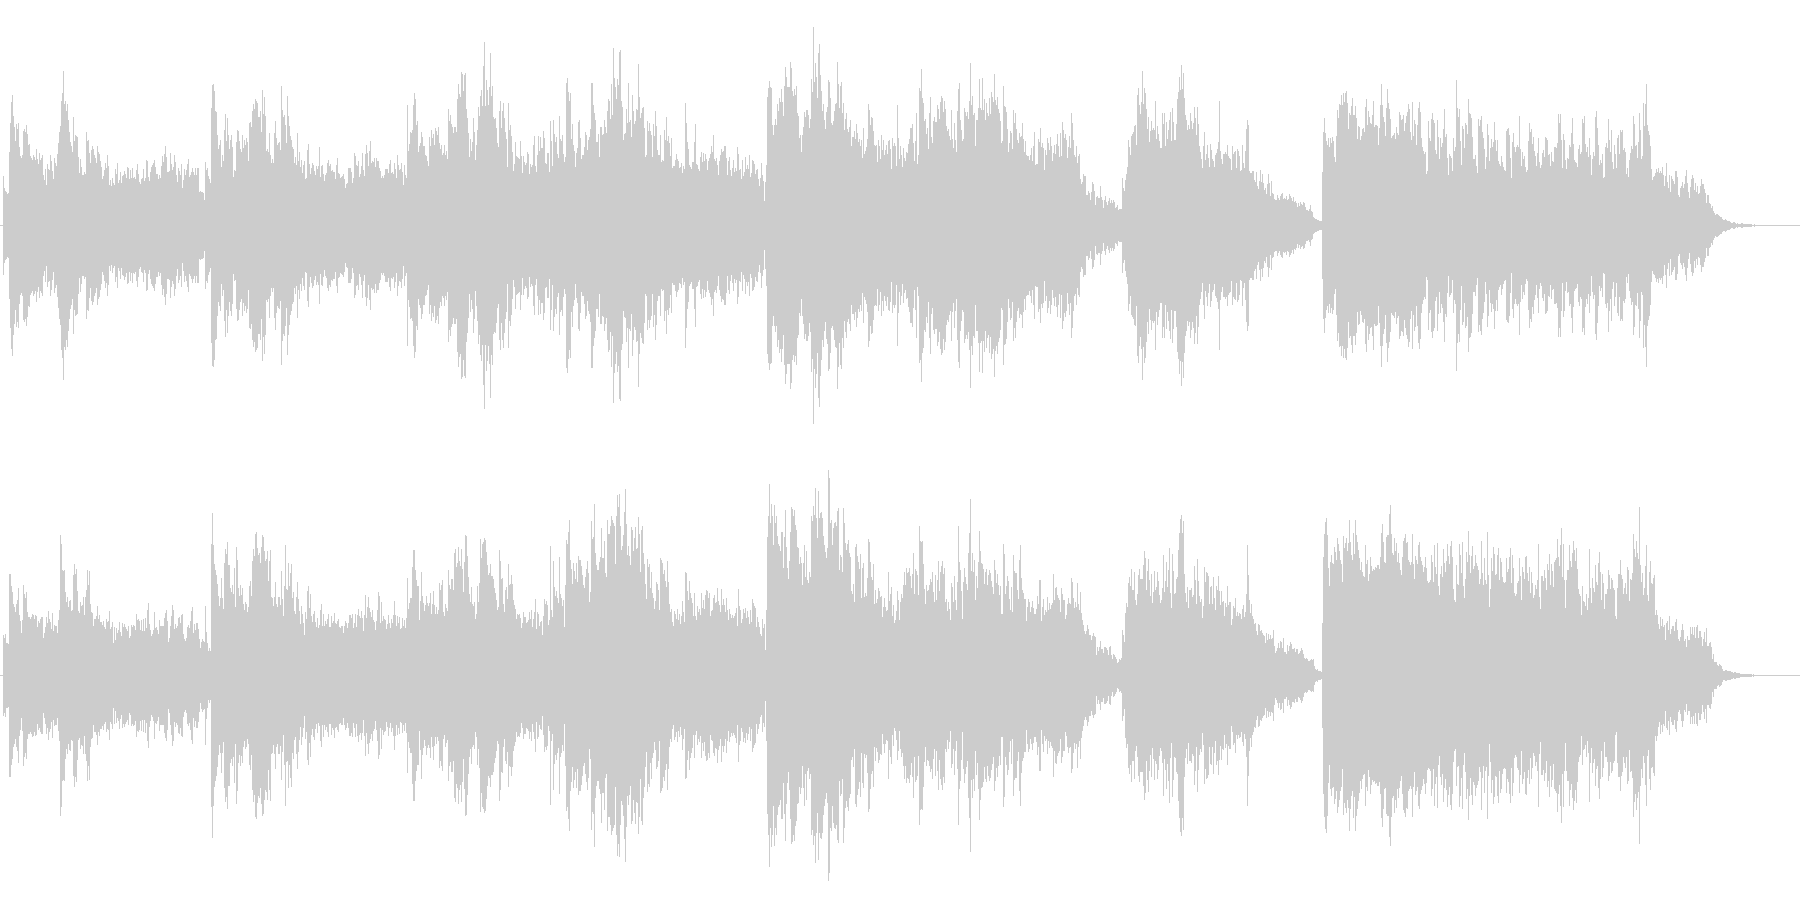 幻想的光のイメージ ピアノとシンセの未再生の波形